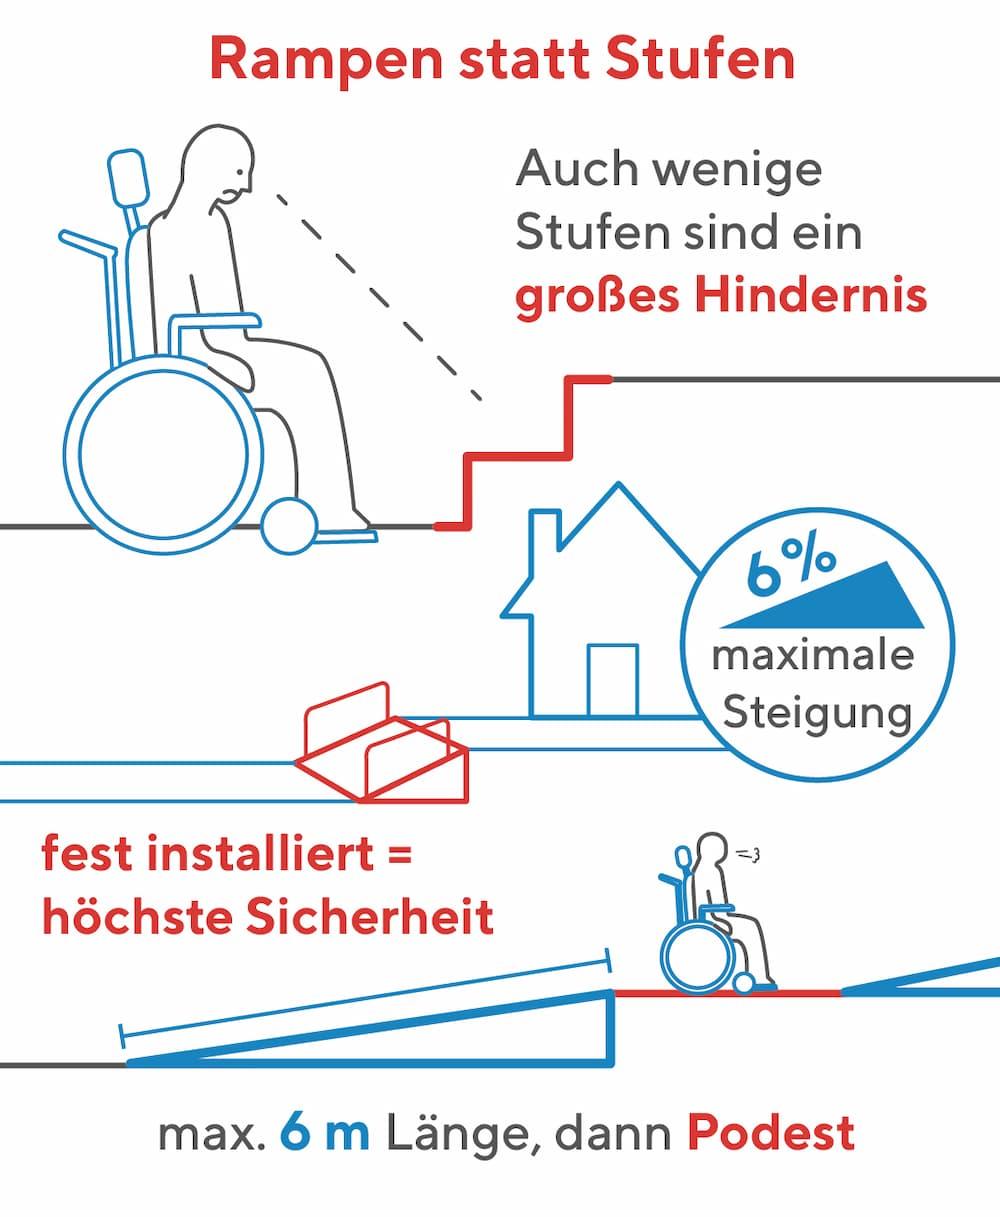 Barrierefreier Außenbereich: Rampen statt Stufen